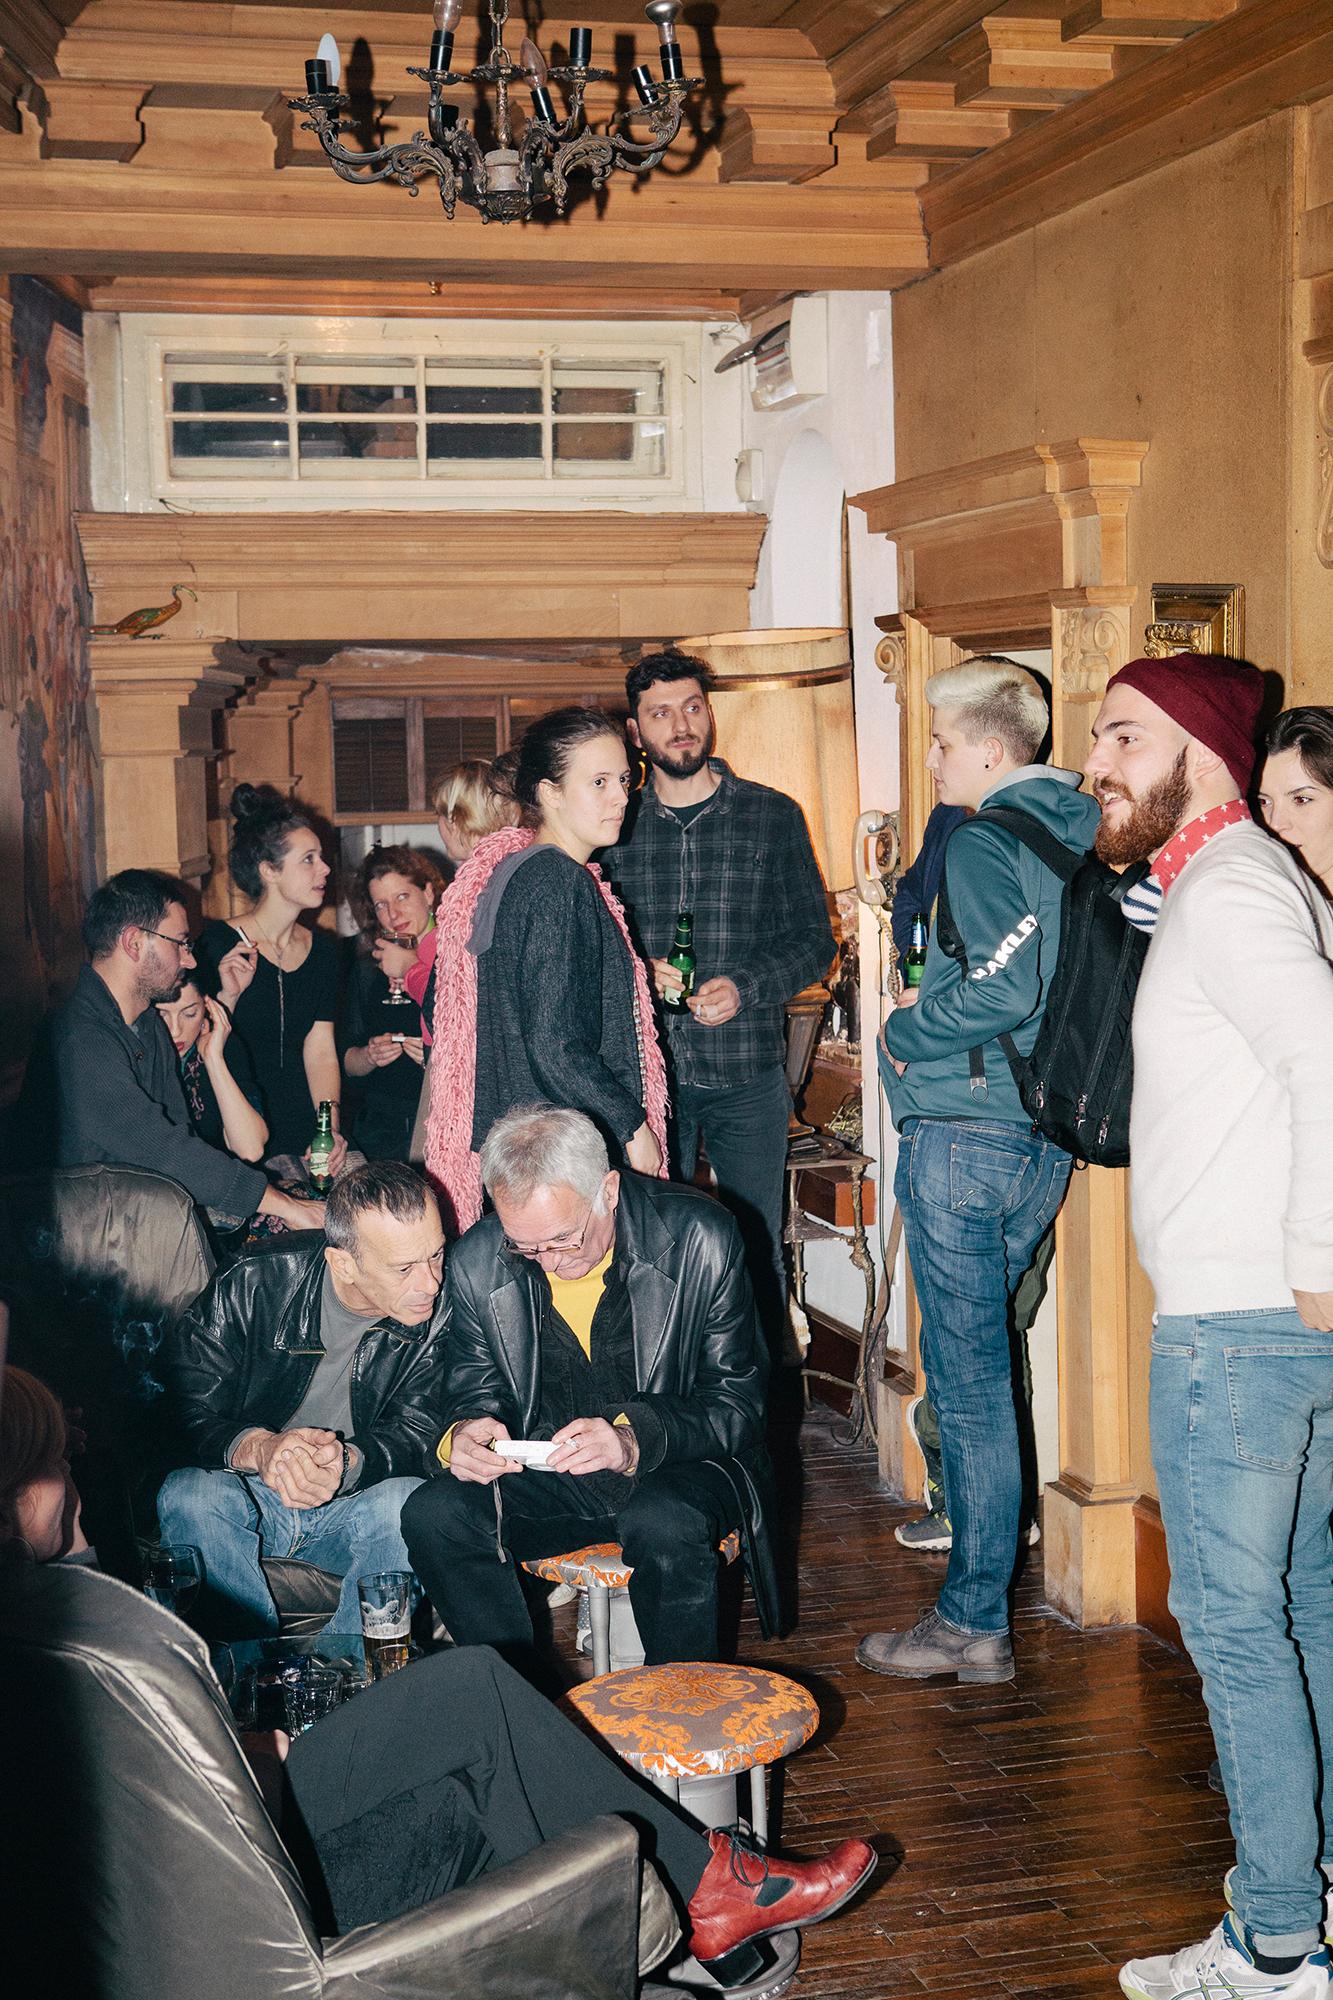 Gegen 23.00 Uhr bilden sich vor den Clubs die ersten kleinen Schlangen. Die Wände sind mit Street Art dekoriert, die Straßen voller Ateliers und fast mit jedem Schritt stolpert der Besucher in eine neue Welt. Auf den Straßen ein babylonisches Sprachengewirr. Im Laufe der Nacht verschmelzen diese Sprachen zu einer Universellen Verständnis von dem was diesen Stadtteil ausmacht. Wer Savamala nicht besucht hat, war auch nicht Belgrad.